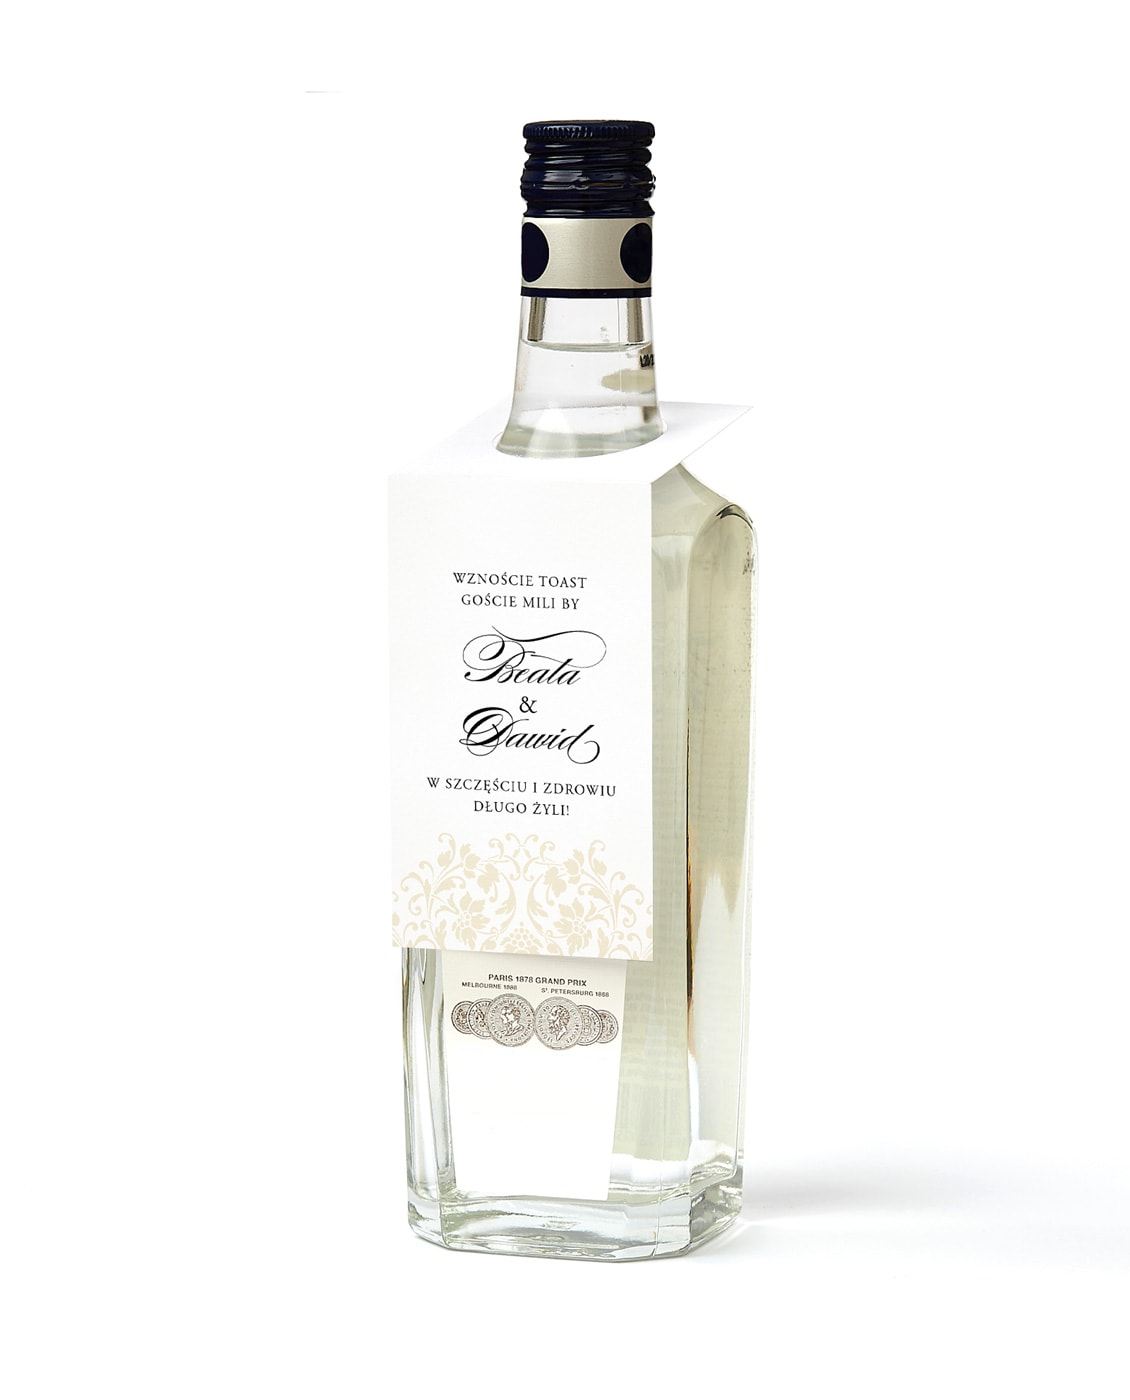 Klasyczne zawieszki z otworem do powieszenia na butelkach z alkoholem